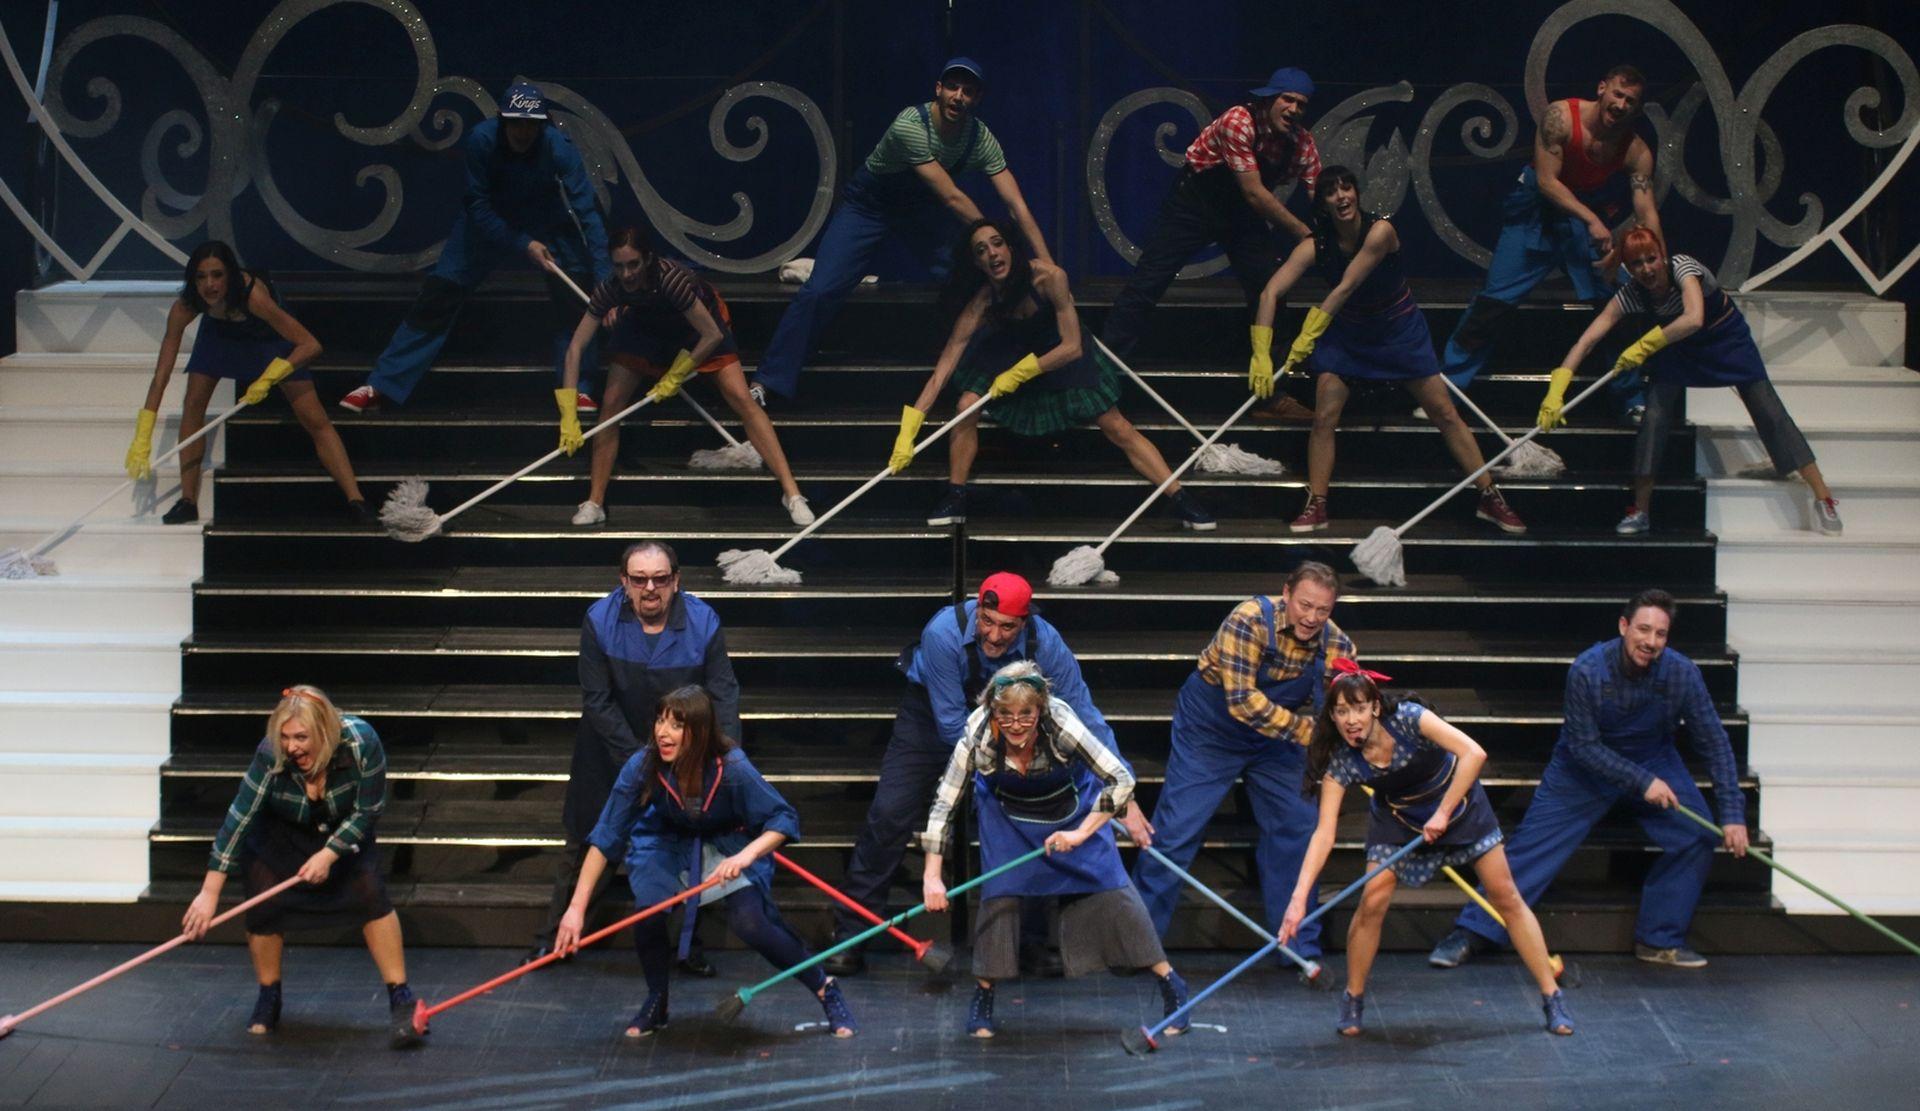 FOTO: PREMIJERA U HNK RIJEKA Dipinto di blue – glazbena komedija obojena plavim